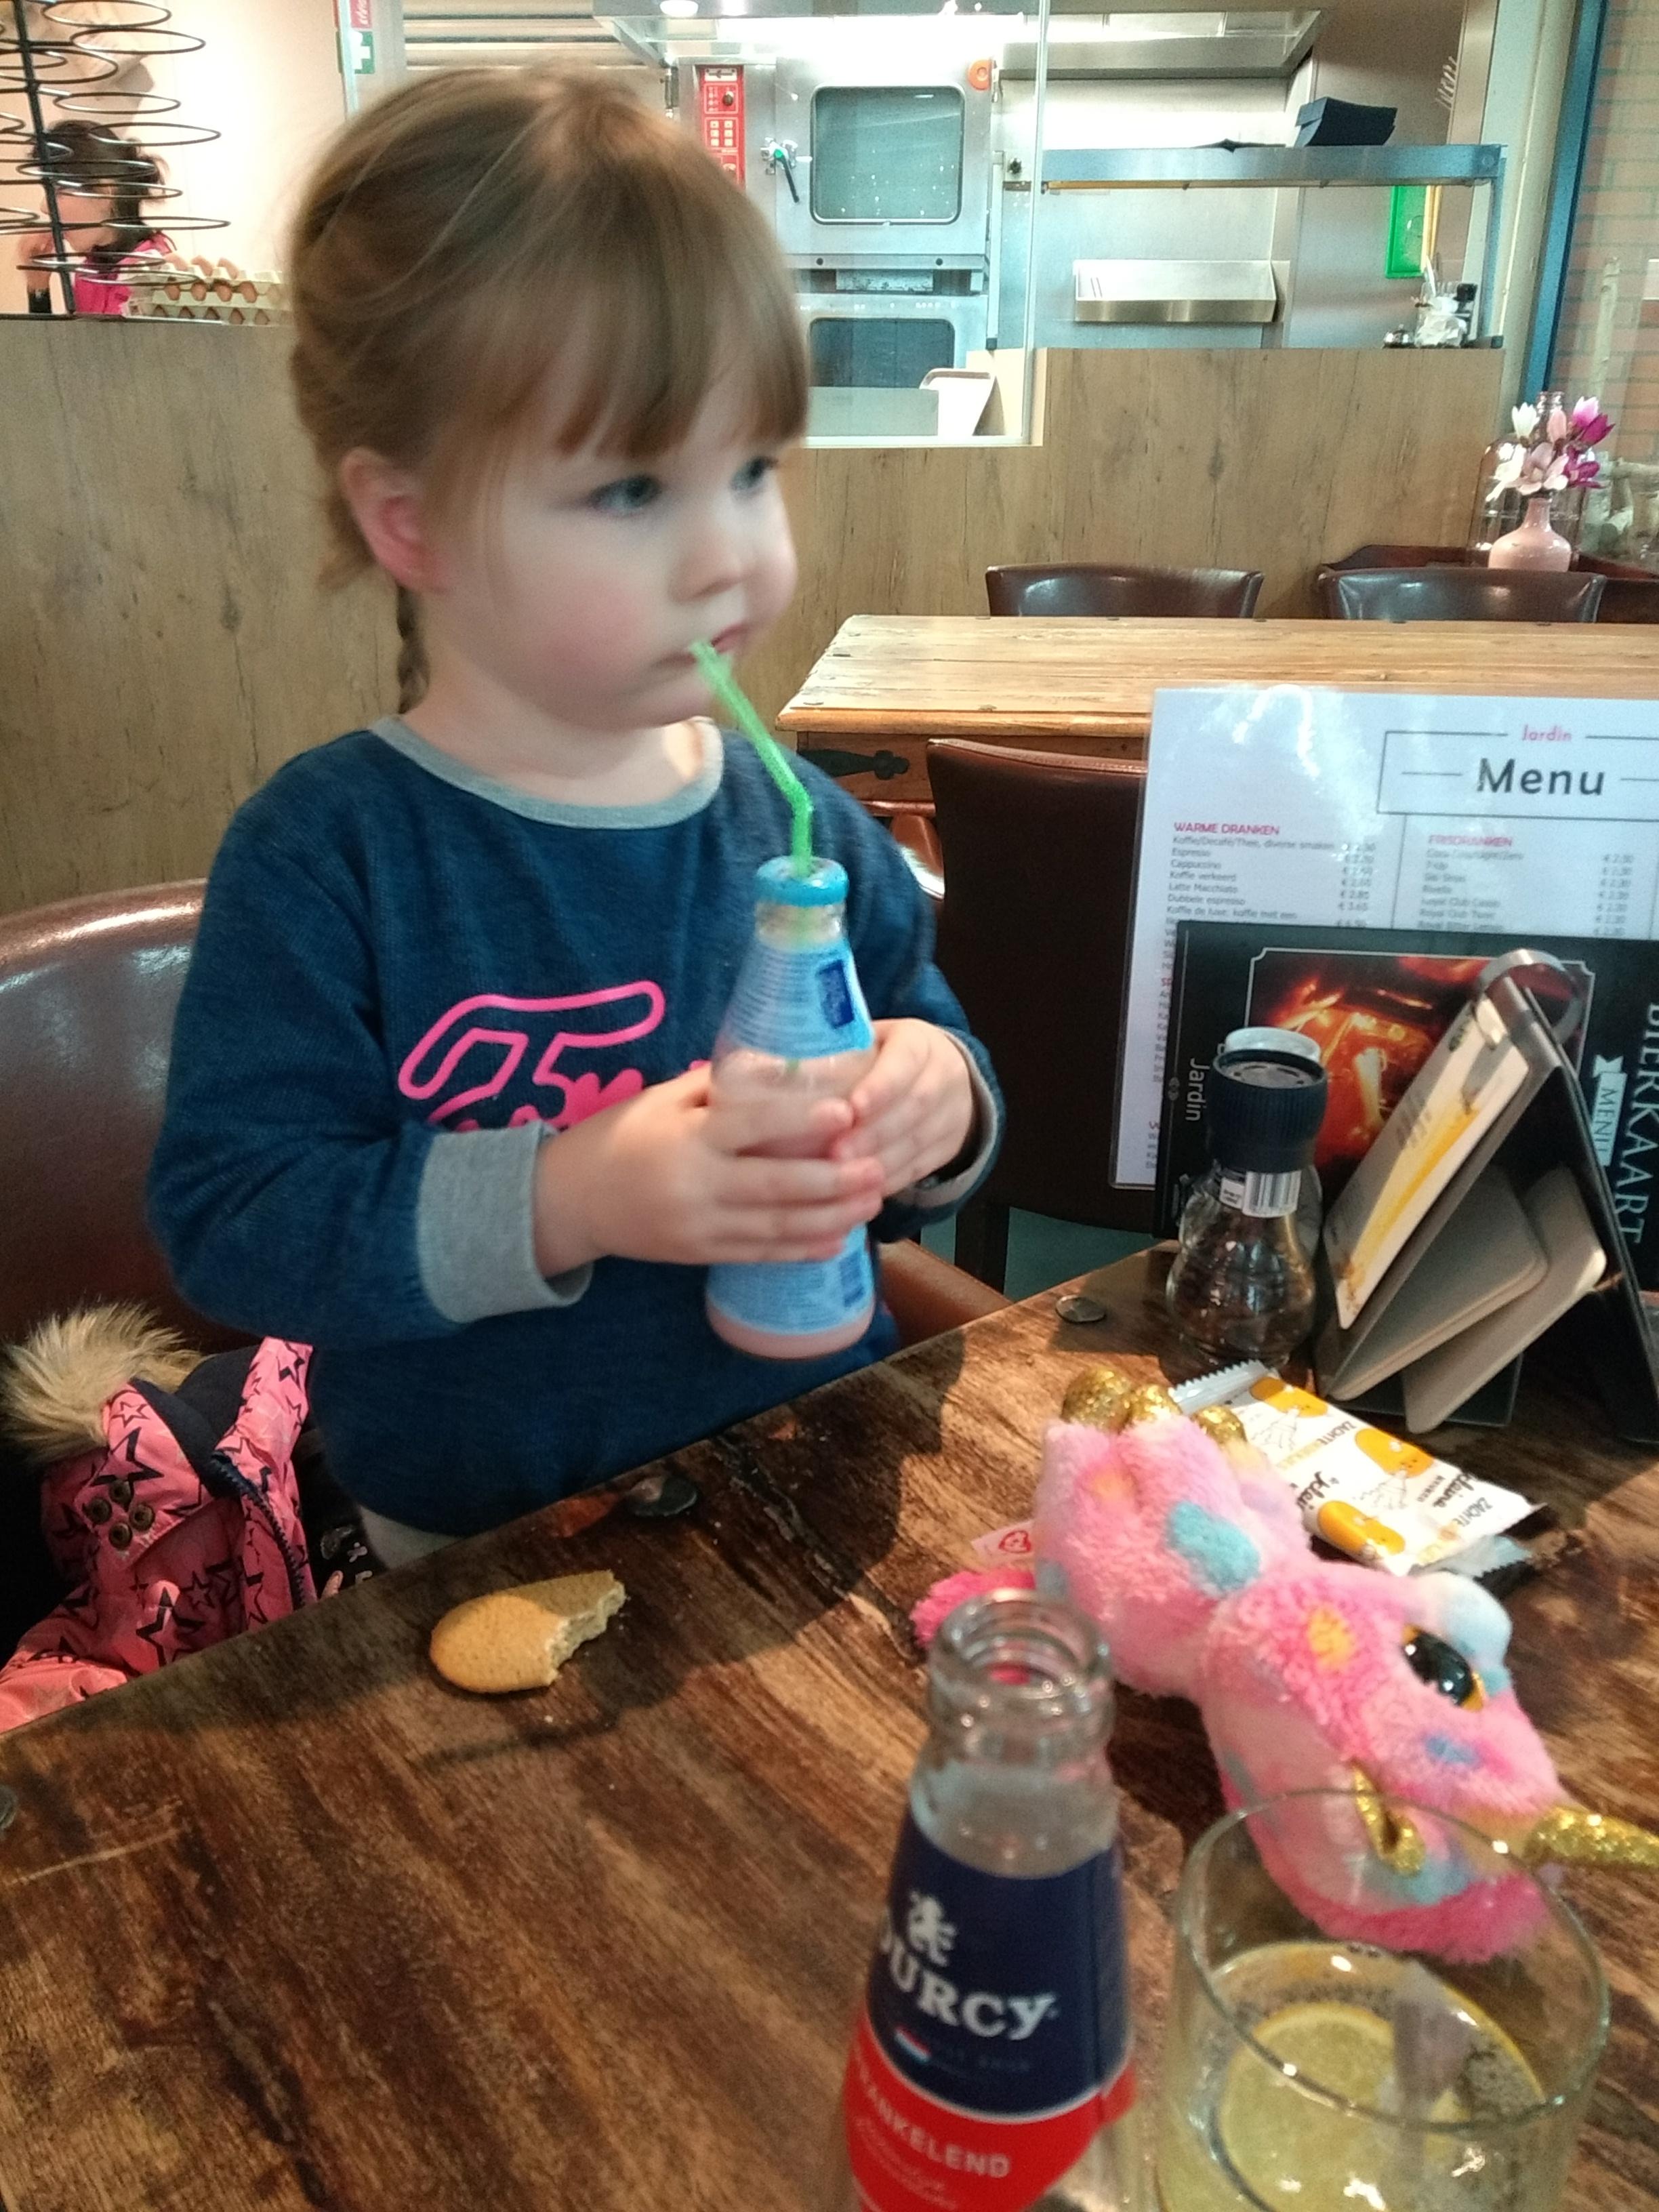 oorbellen, oorbellen laten schieten, oorbellen kind, oorbellen peuter, mamablog, mamalifestyleblog, juwelier, blog, lalog.nl, lalogblog